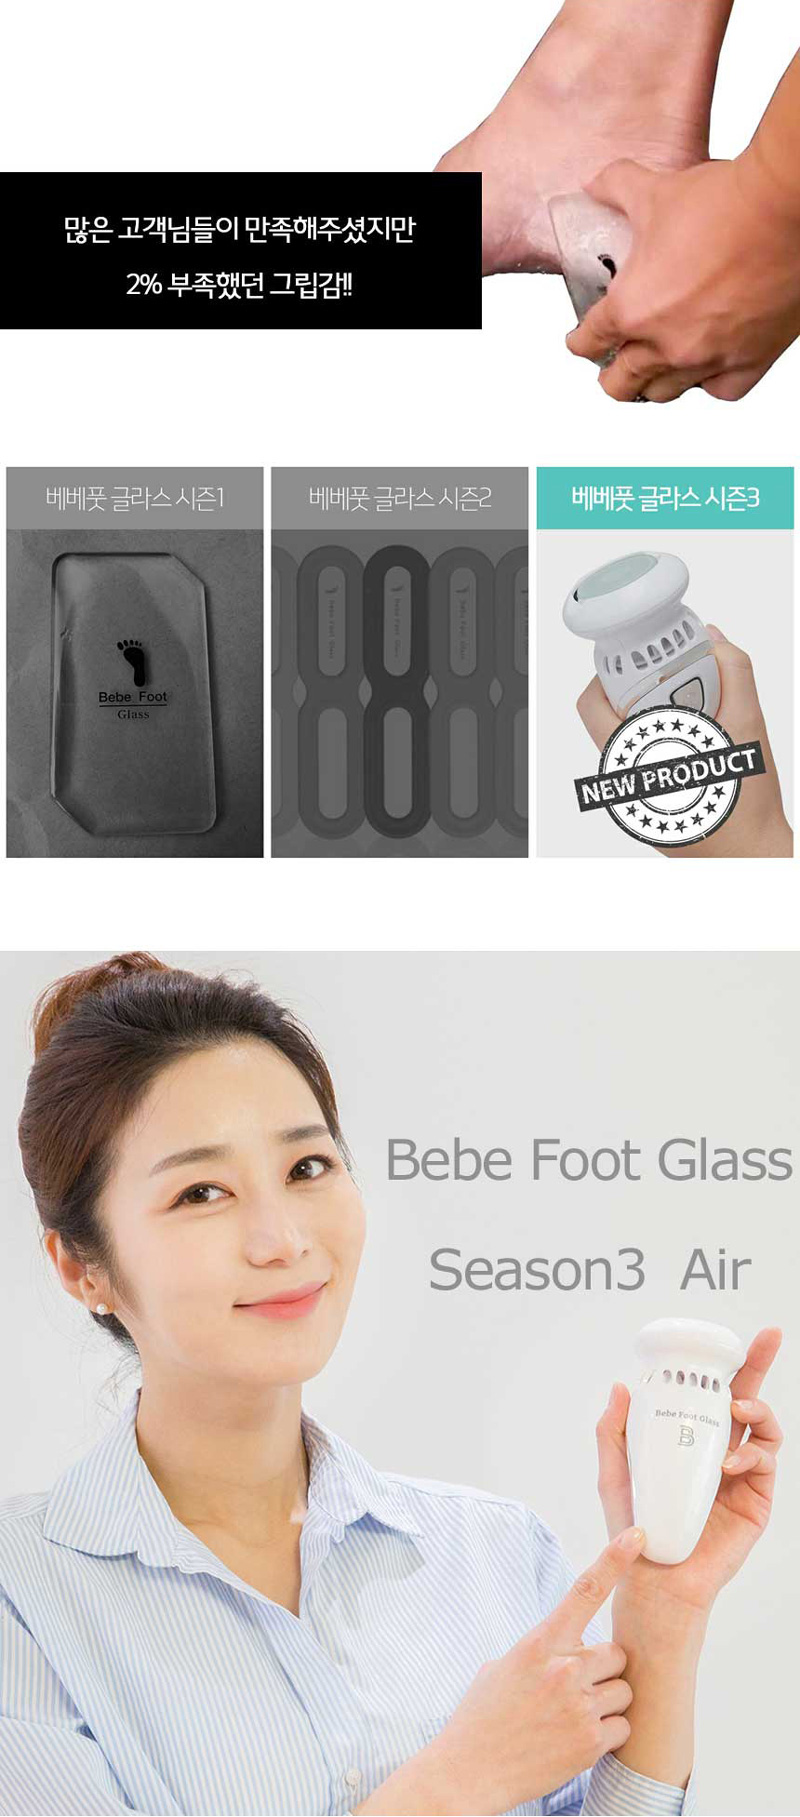 bebefoot-Air_3_155119.jpg